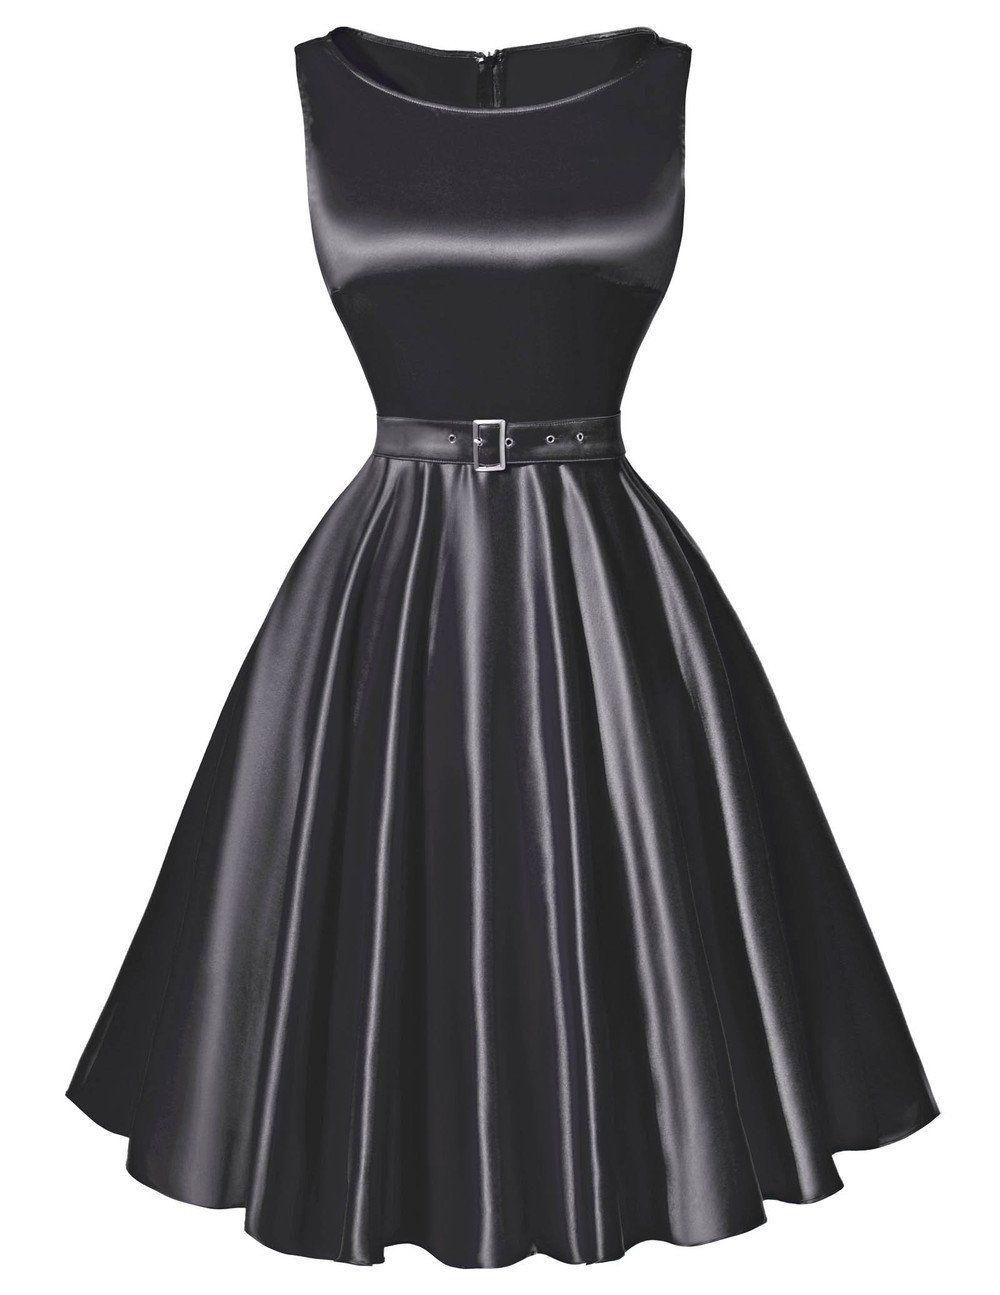 Rockabilly audrey hepburn vintage dress pinterest s style